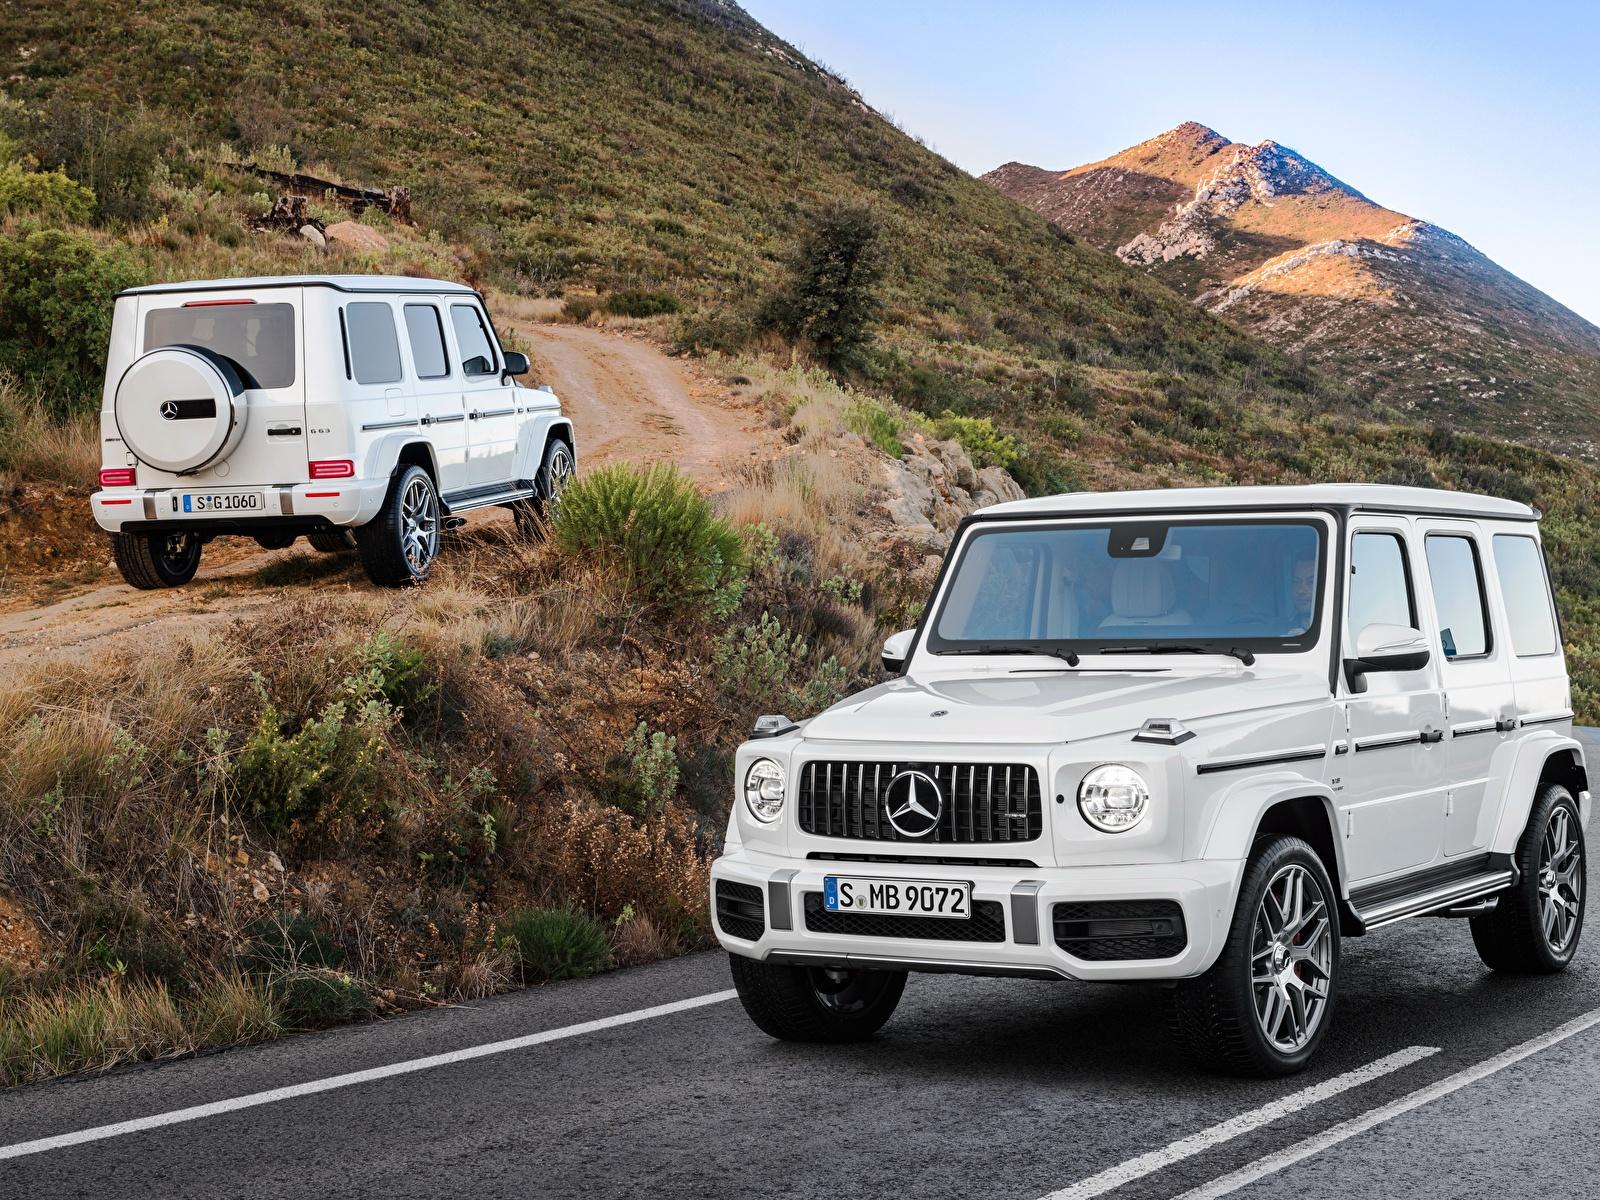 Картинки Mercedes-Benz Гелентваген 2018 G 63 Worldwide Двое Белый машины Металлик 1600x1200 Мерседес бенц G-класс 2 два две белых белые белая вдвоем авто машина автомобиль Автомобили